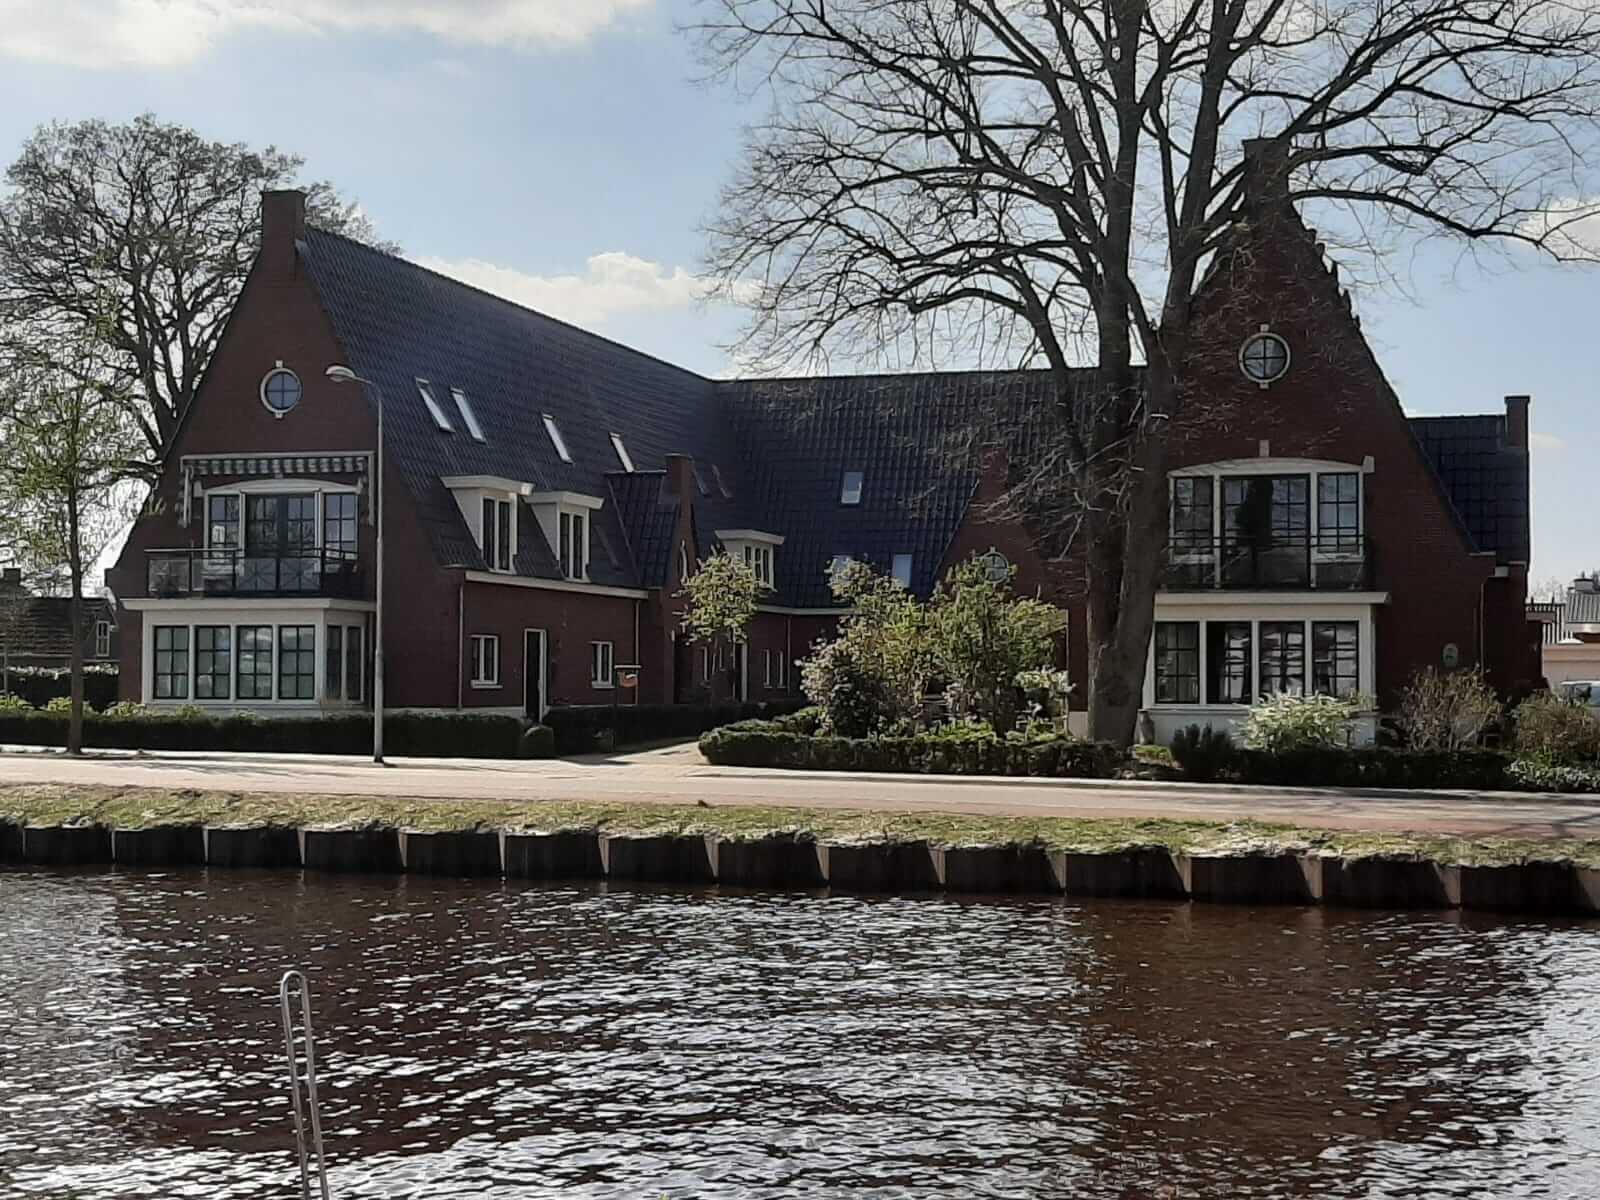 Onderhoud VvE - Vereniging van Eigenaren - Vereniging van eigenaren onderhoud - Schildersbedrijf Leeuw & Bouwhuis